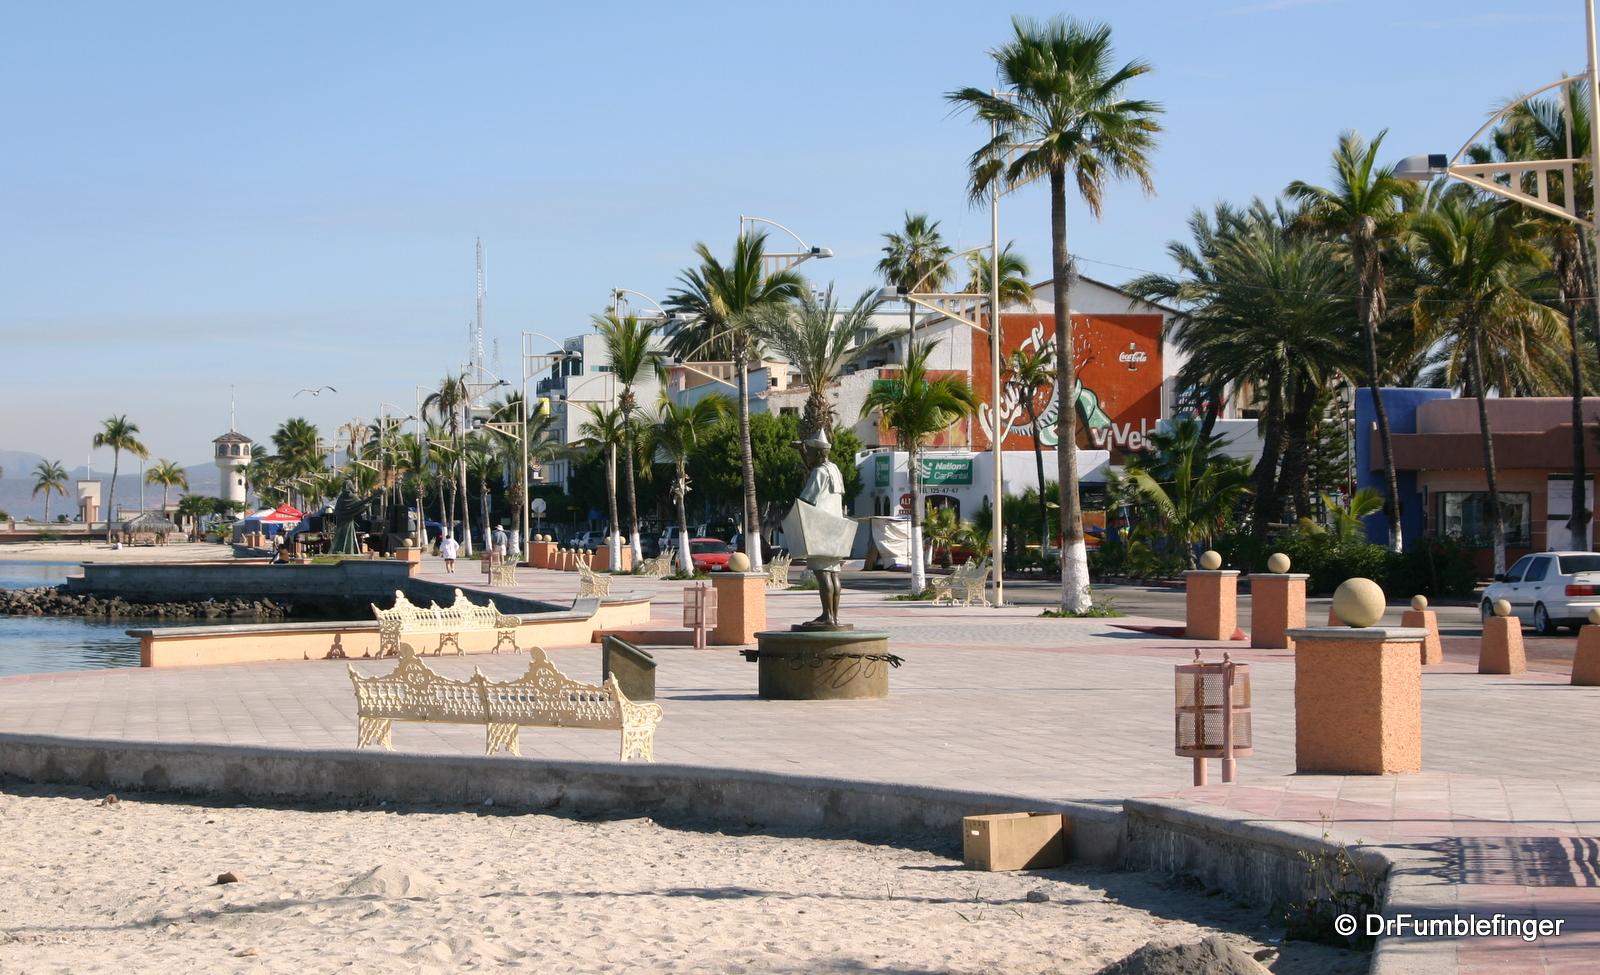 La Paz' Malecon